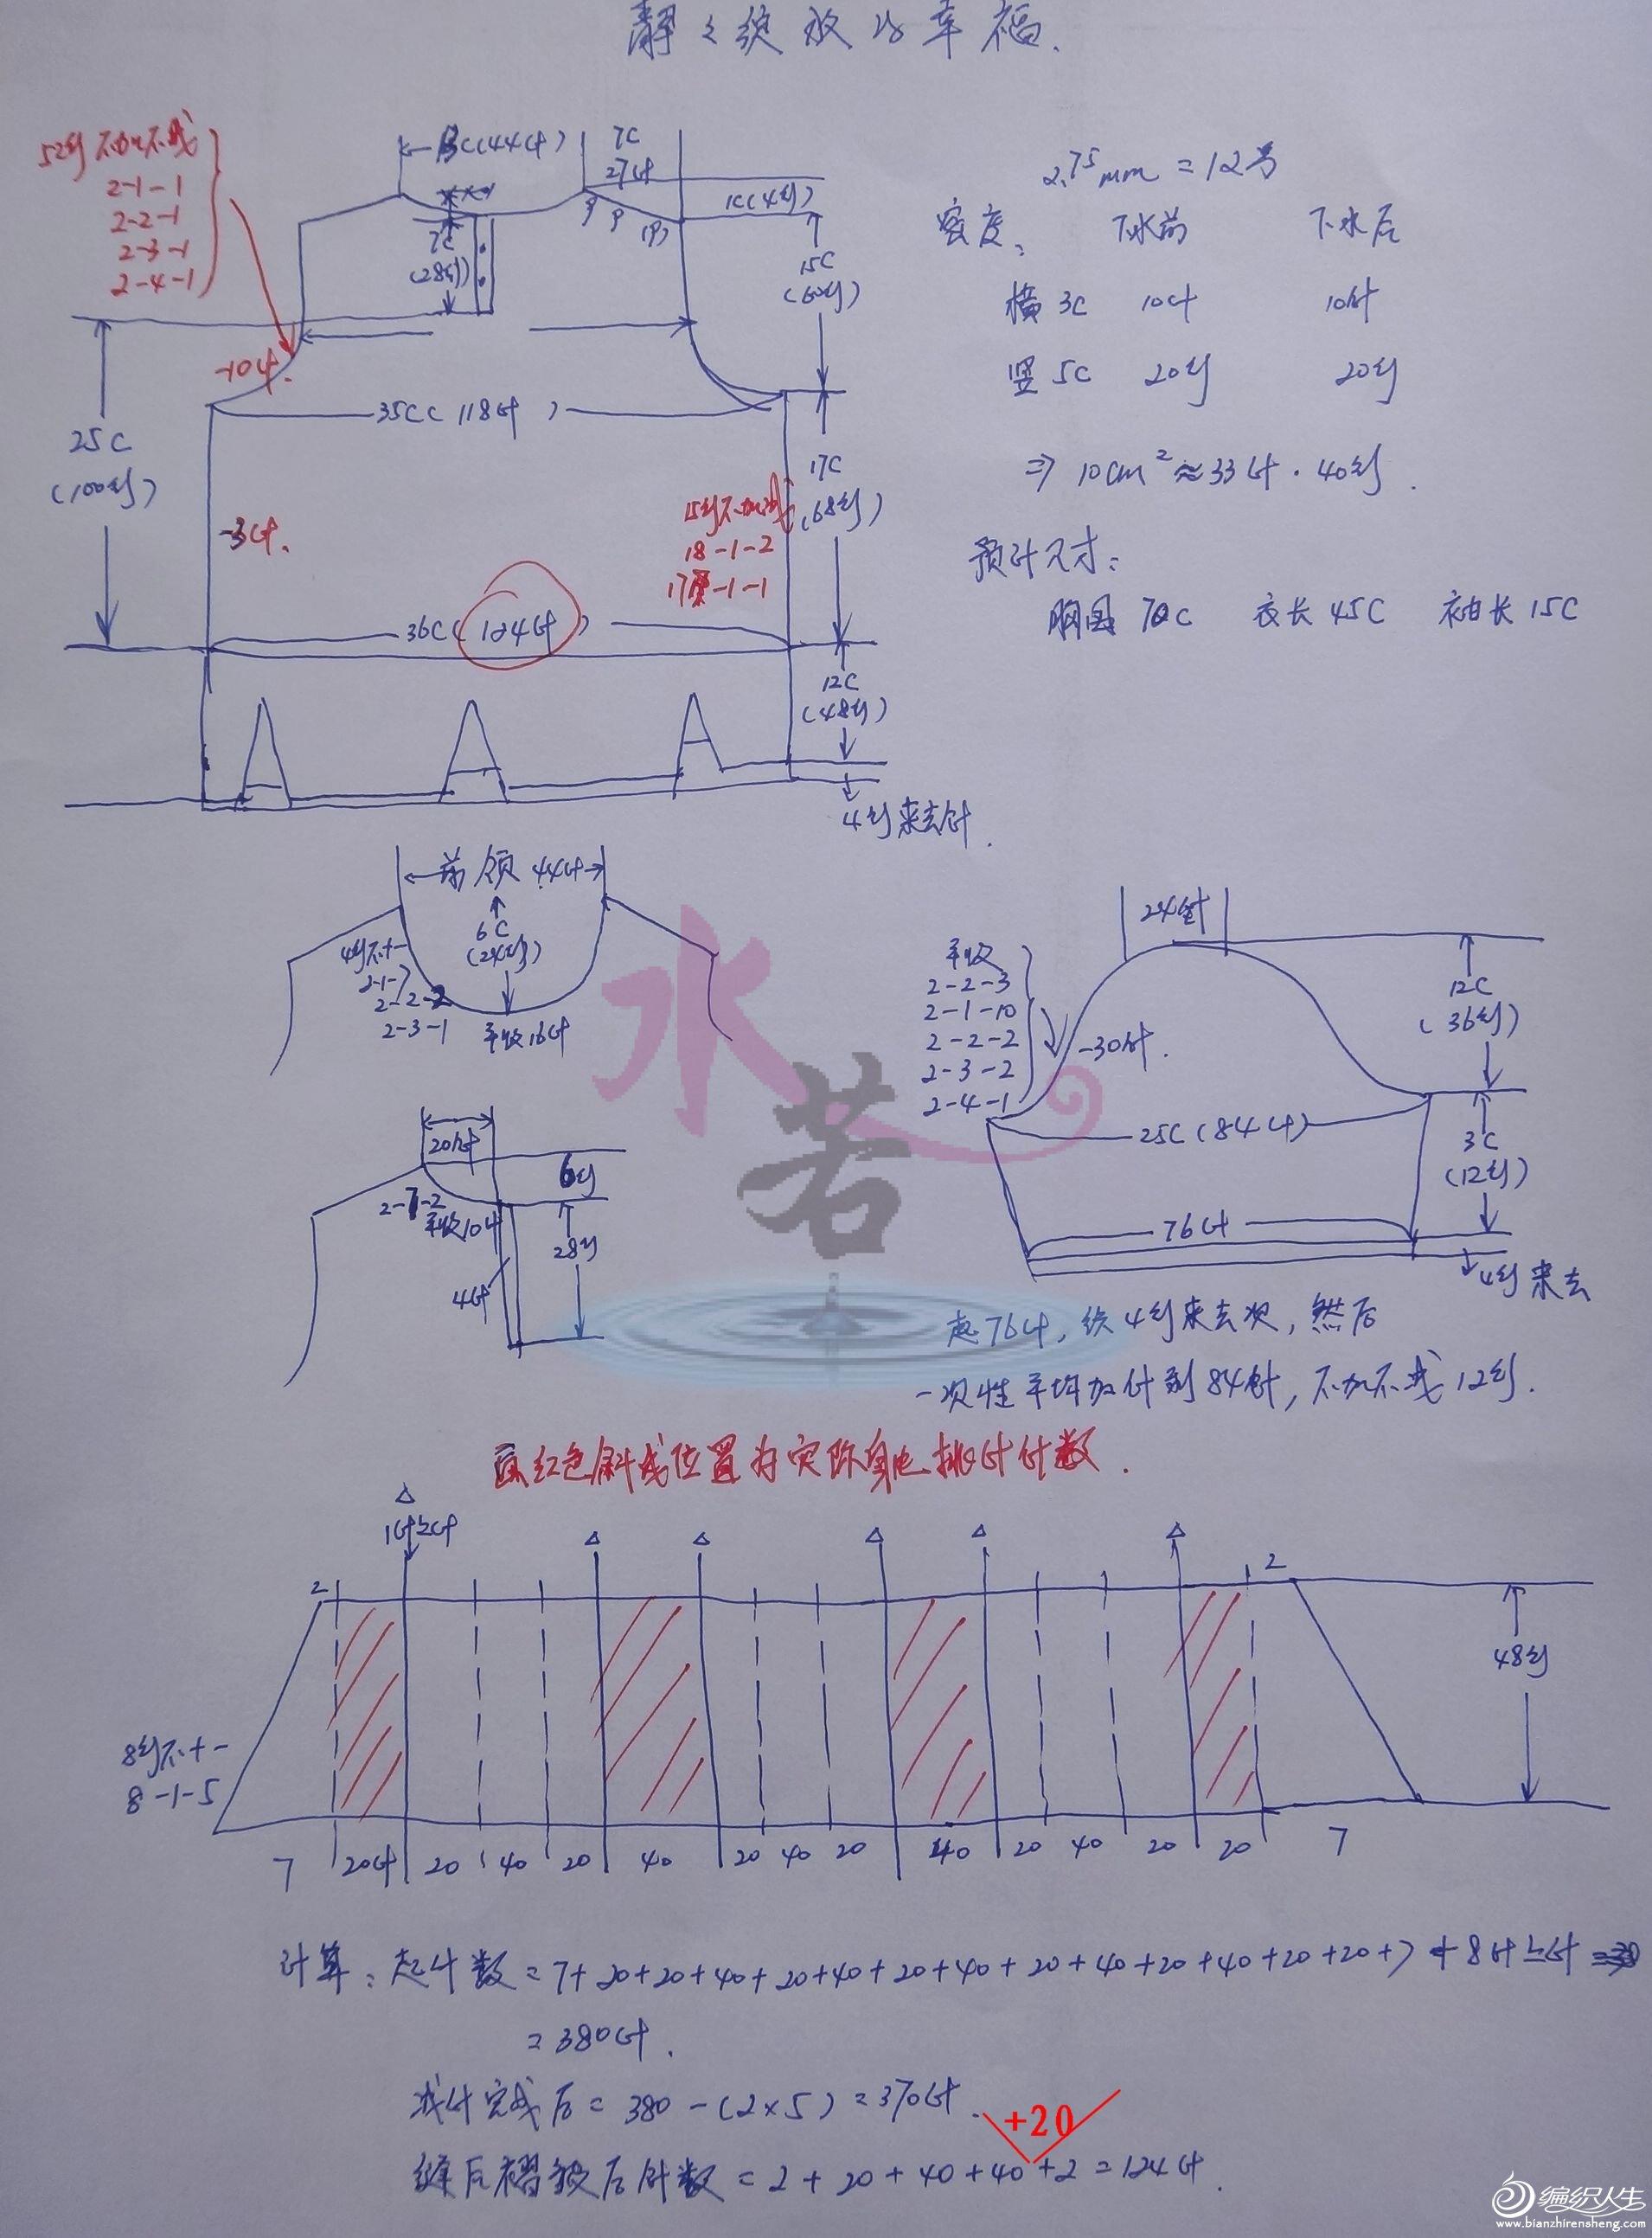 工艺草图.JPG